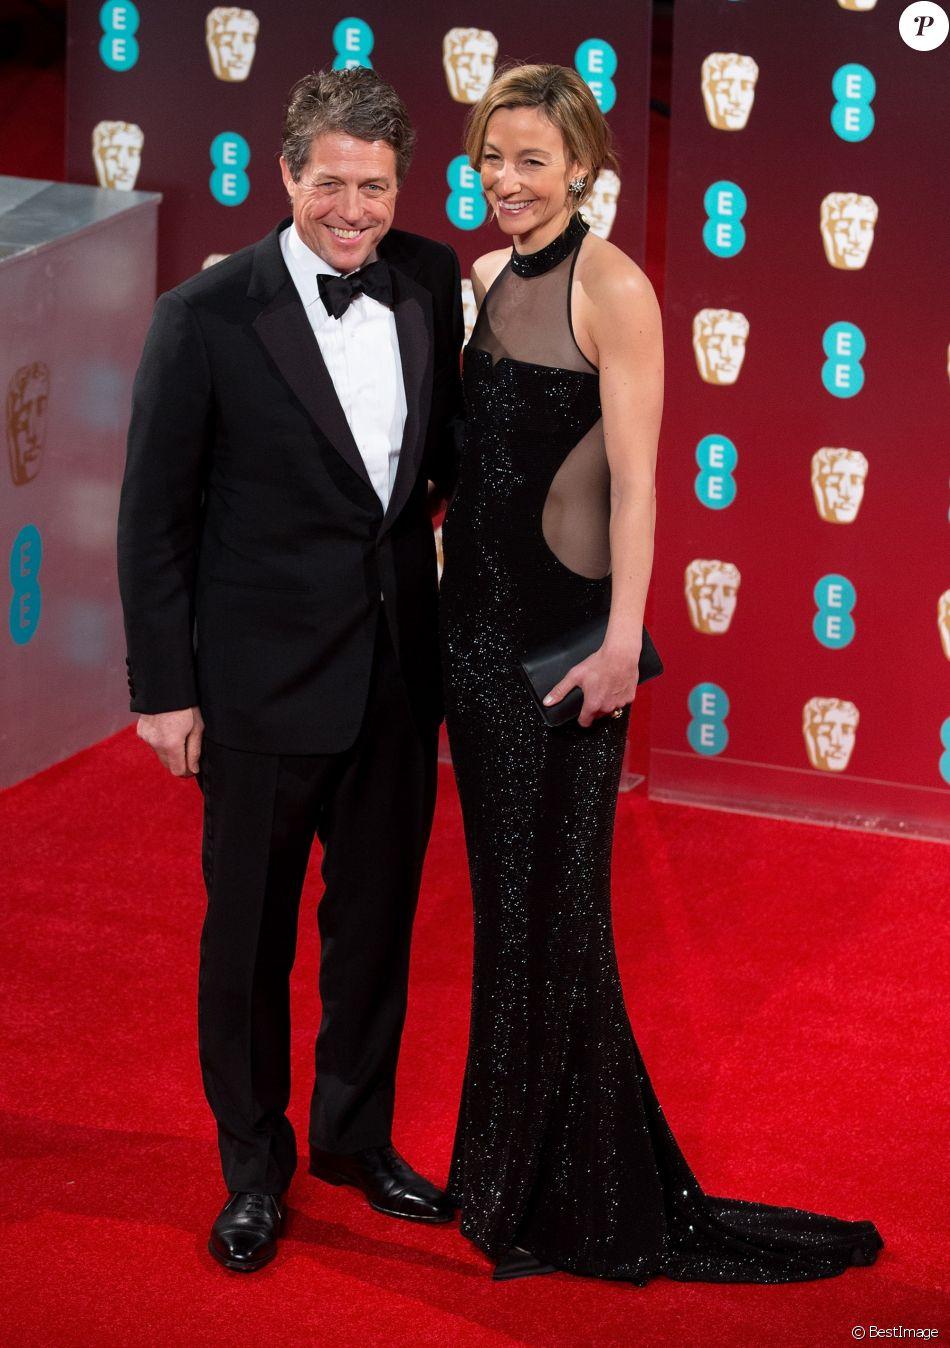 Hugh Grant et sa compagne Anna Elisabet Eberstein - Arrivée des people à la cérémonie des British Academy Film Awards (BAFTA) au Royal Albert Hall à Londres, le 12 février 2017.